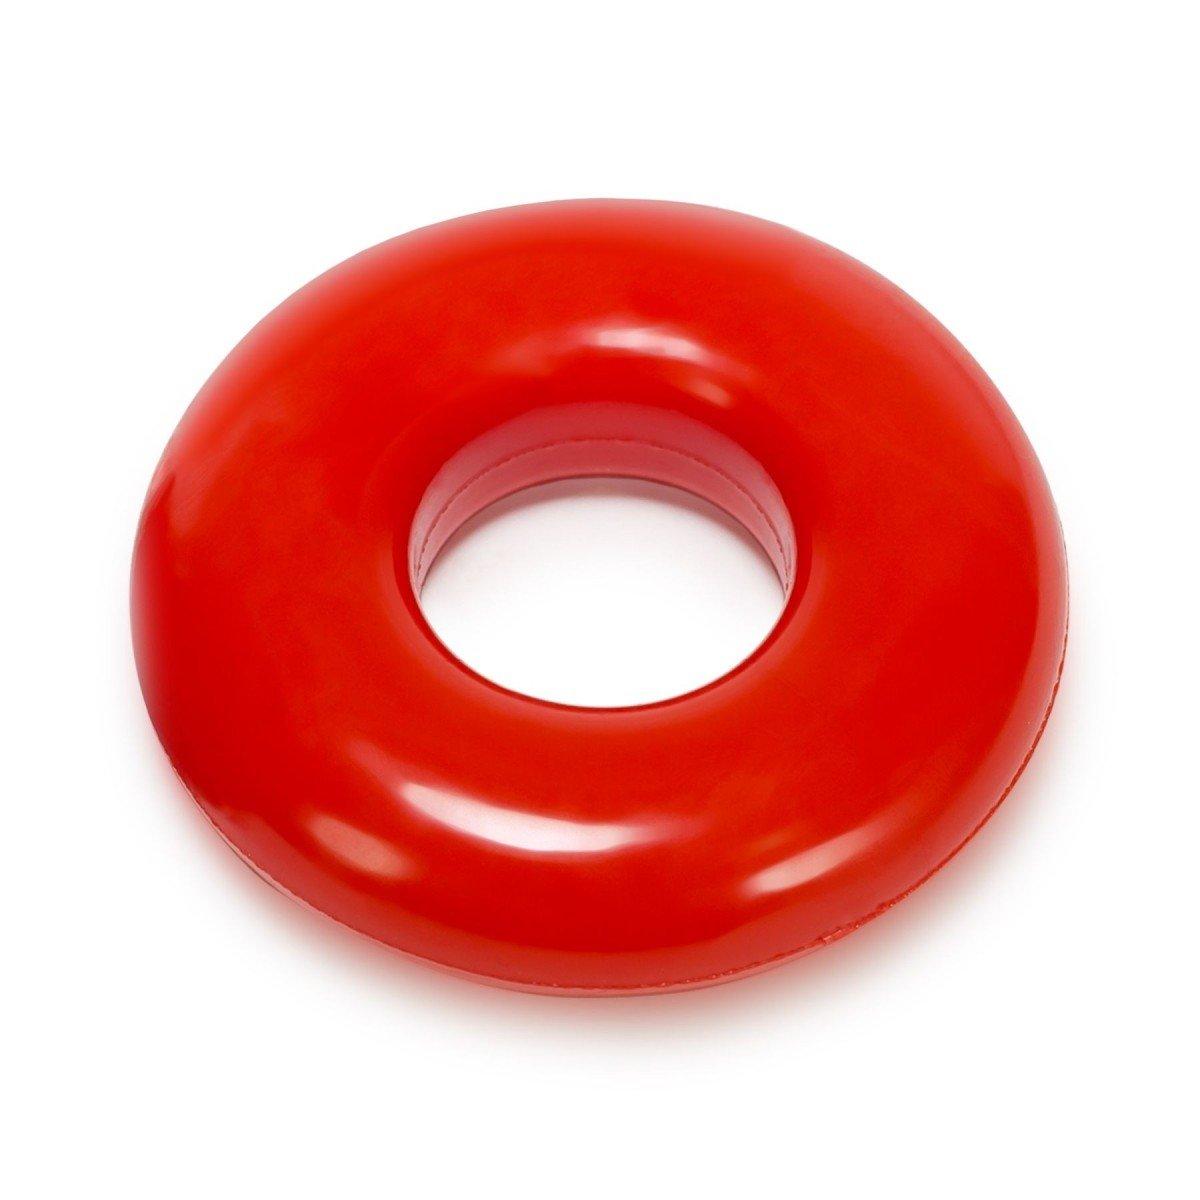 Erekčný krúžok Oxballs Do-Nut 2 červený